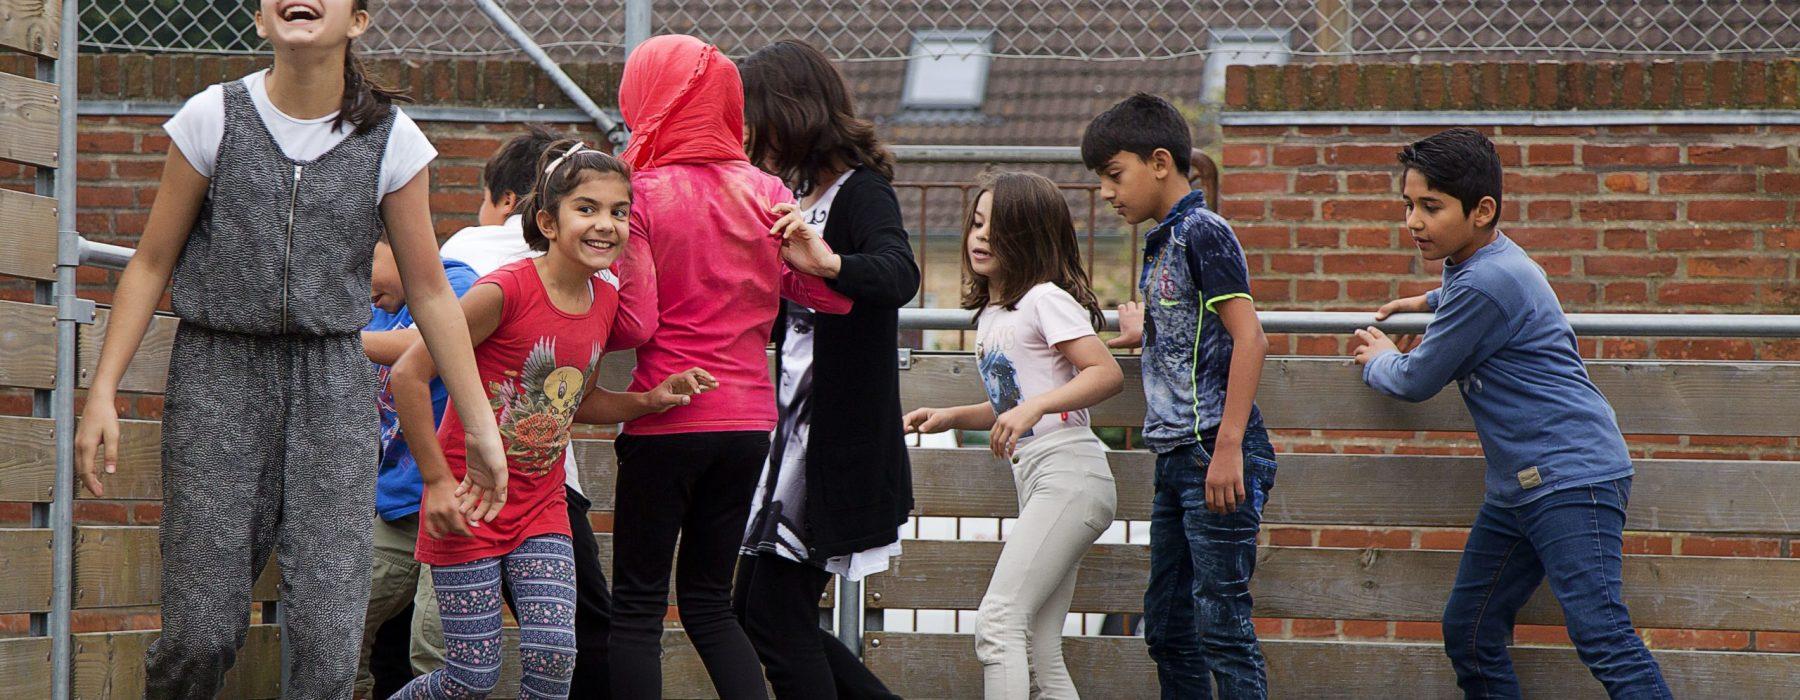 asylsyd_asylcenter_børn_skole-28